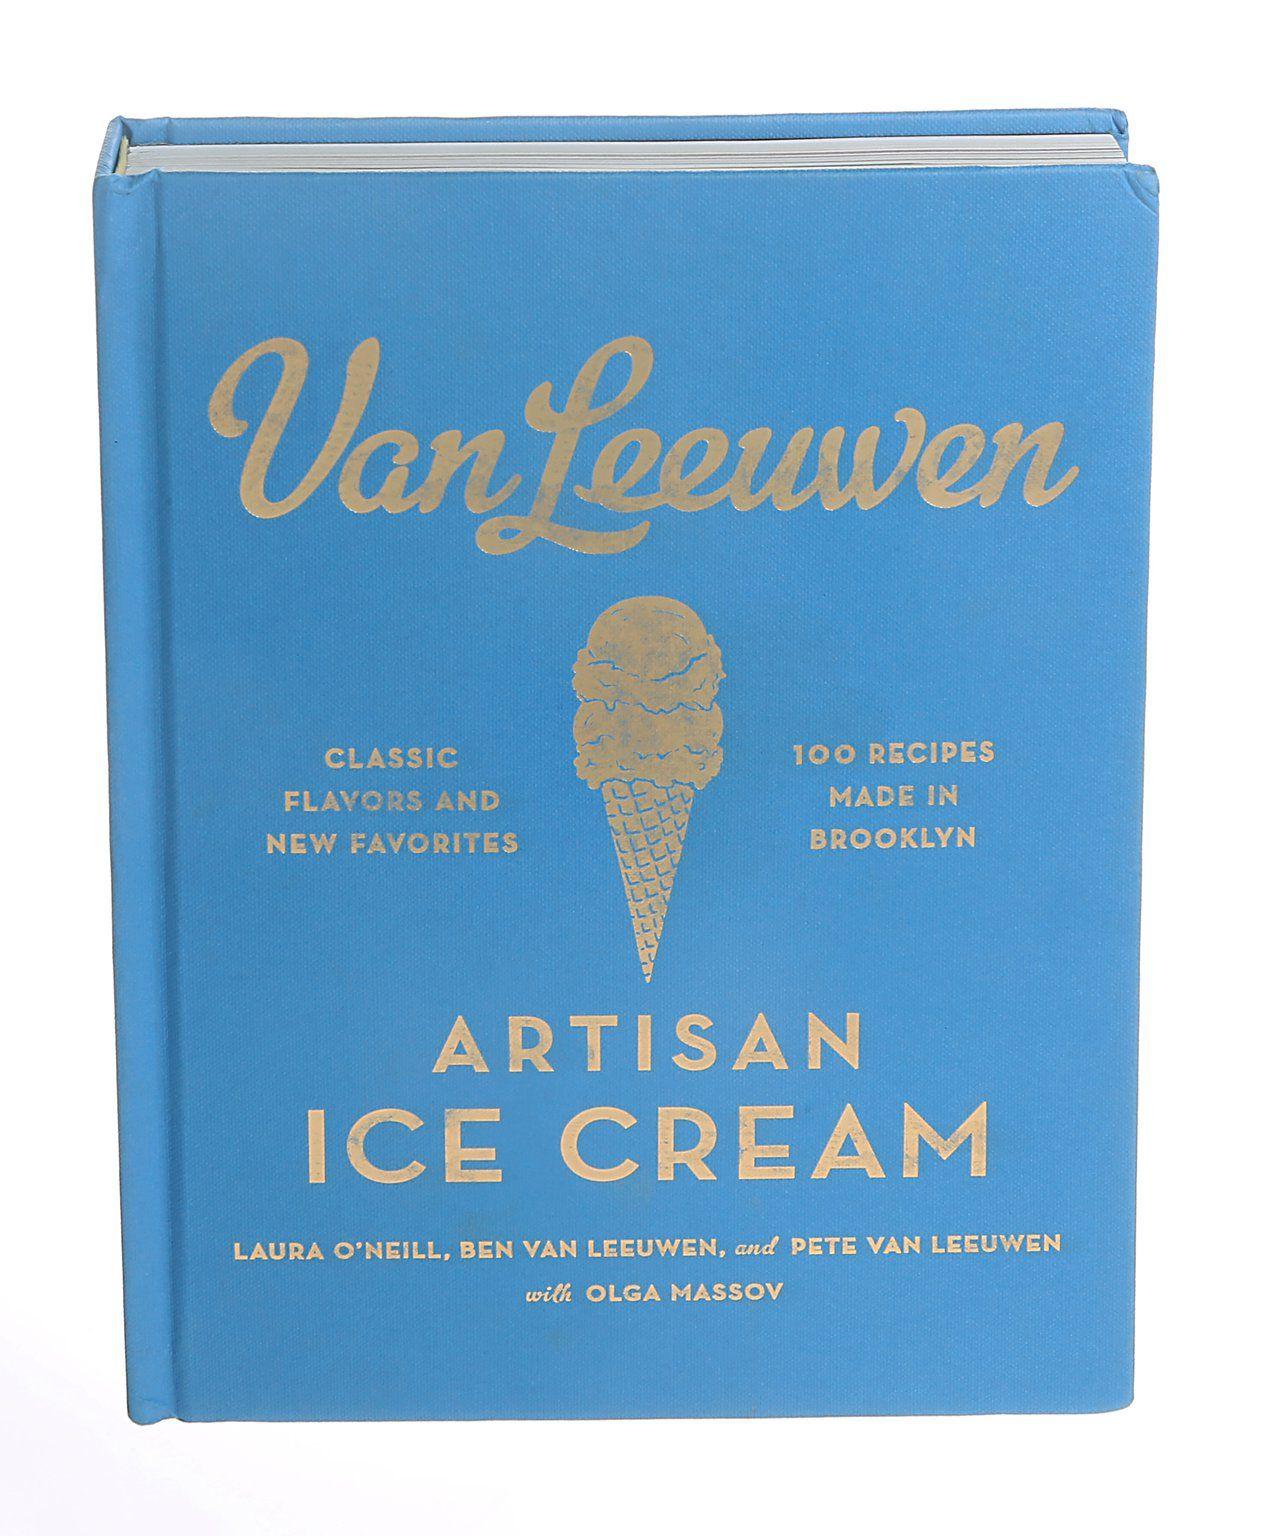 Vegan Ice Cream From Van Leeuwen Artisan Ice Cream Artisan Ice Cream Vegan Ice Cream Ice Cream